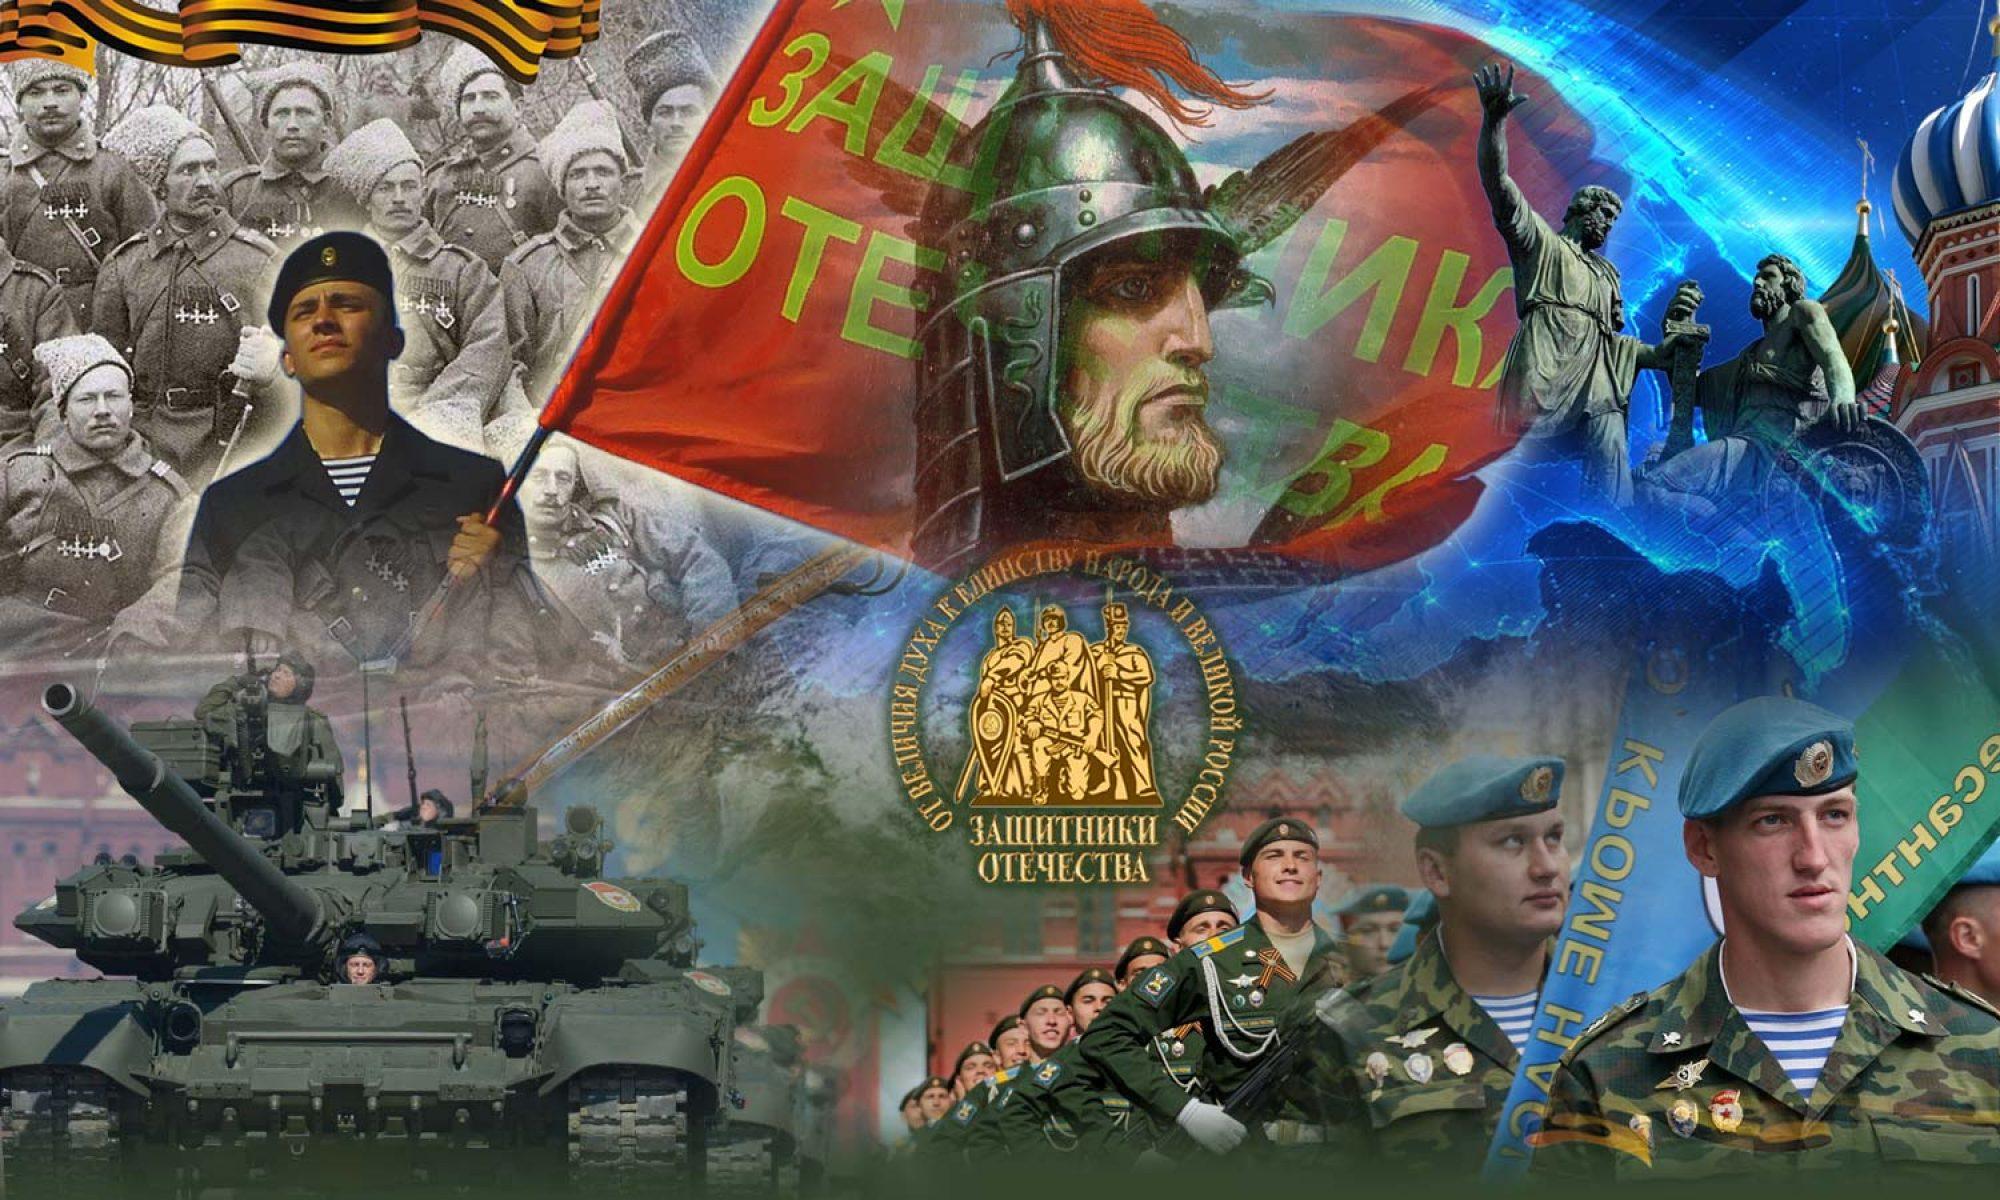 воюют, партия защитники отечества фото необычность, главное